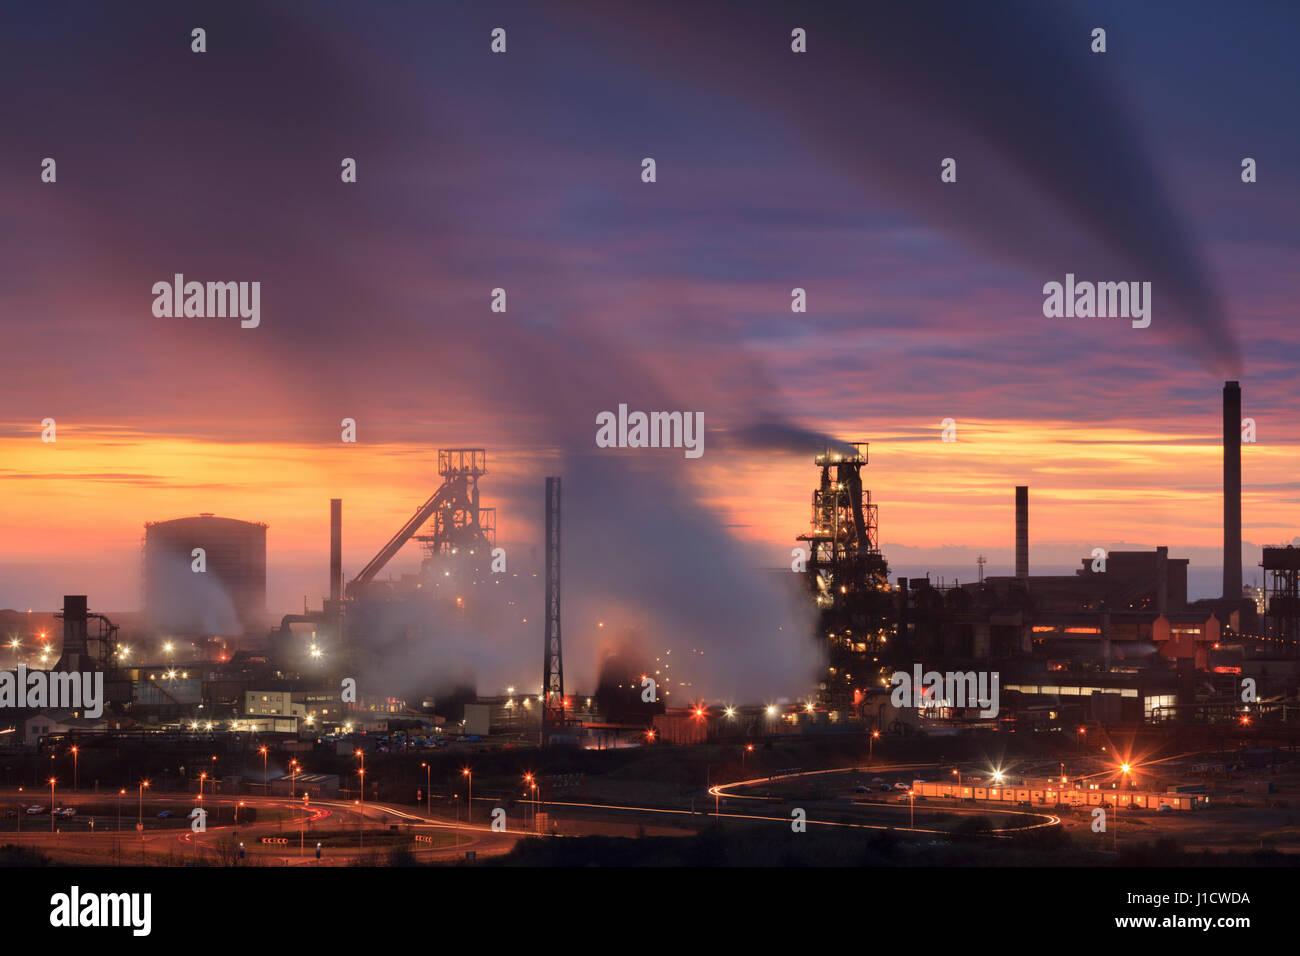 Coucher de soleil sur Port Talbot Steel Works, dans le sud du Pays de Galles, Pays de Galles, Royaume-Uni Banque D'Images